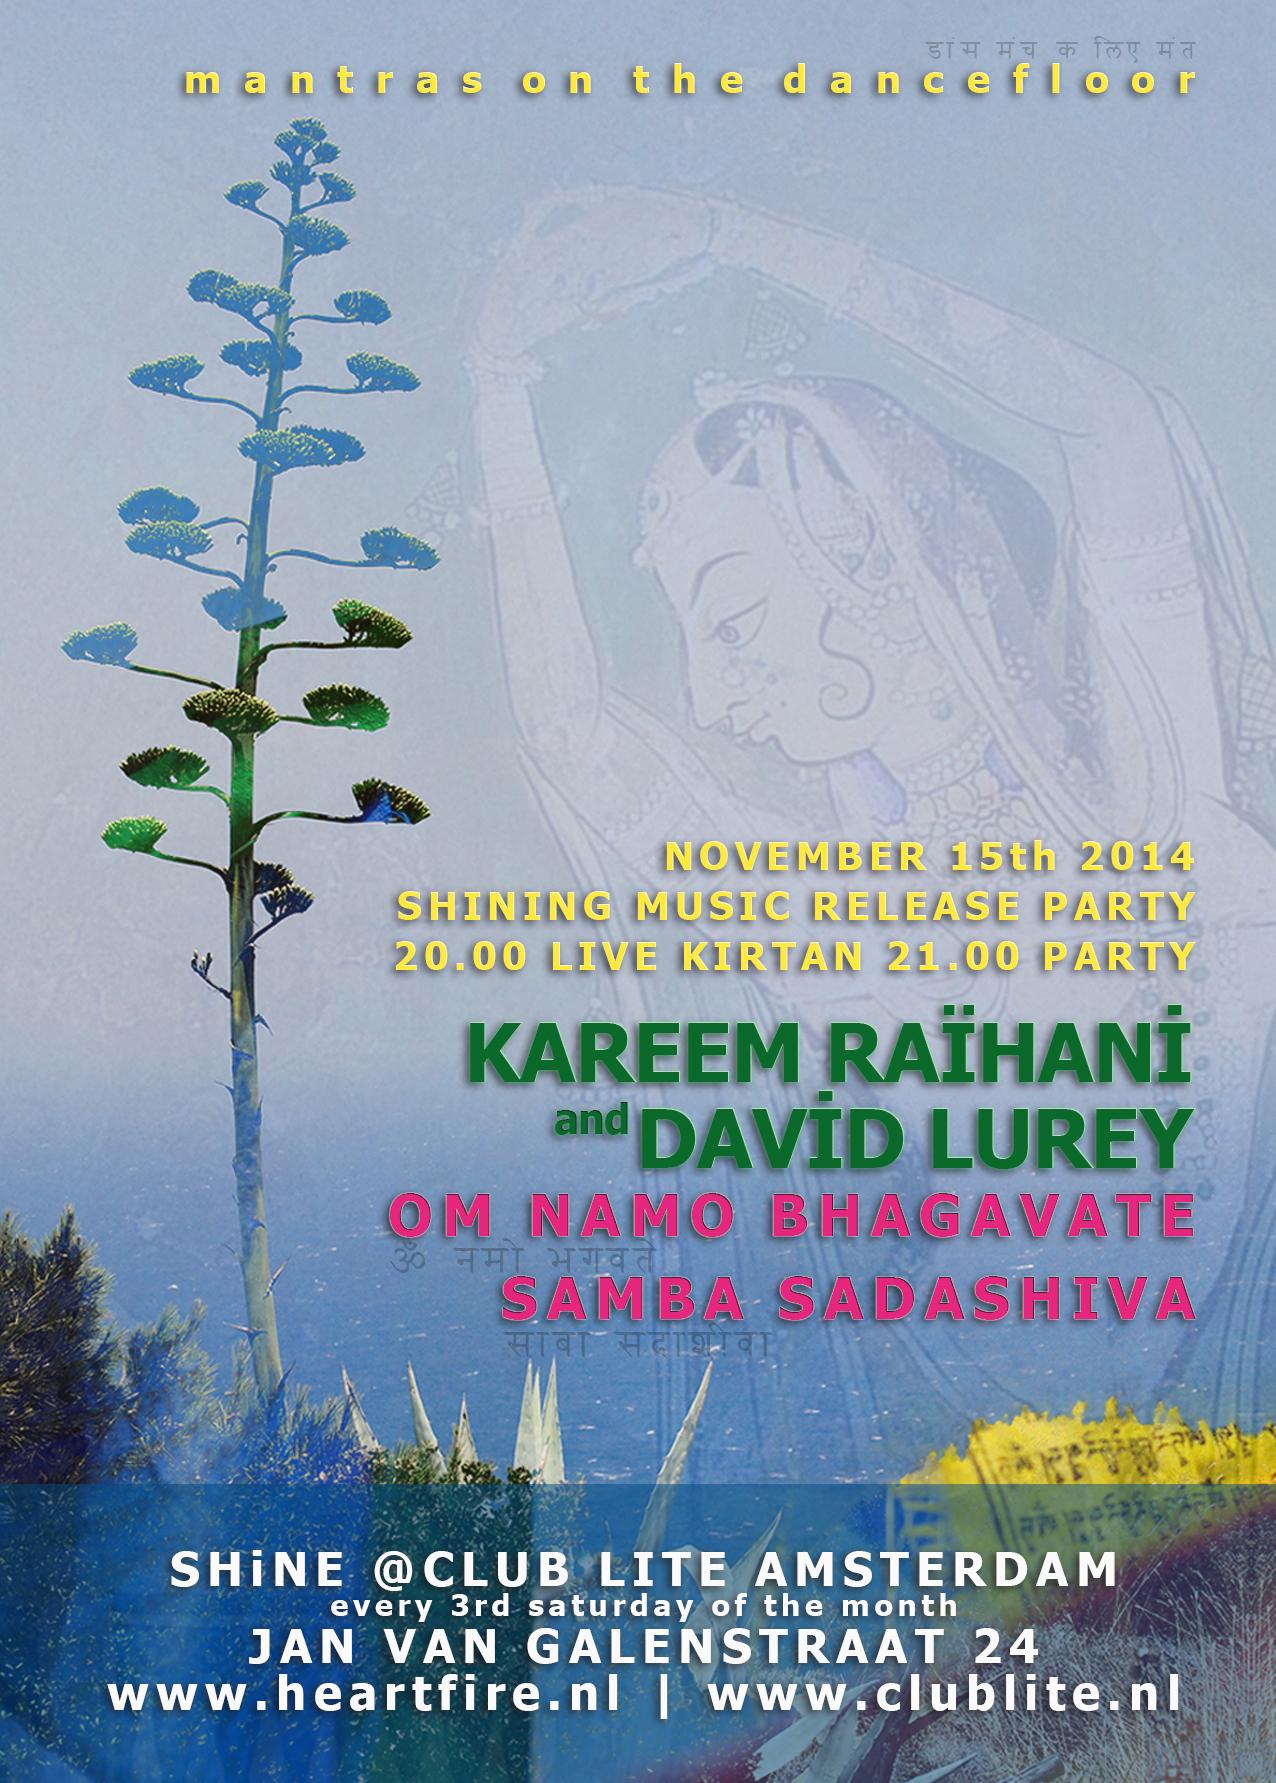 Shining Music Release Party Kareem Raïhani & David Lurey